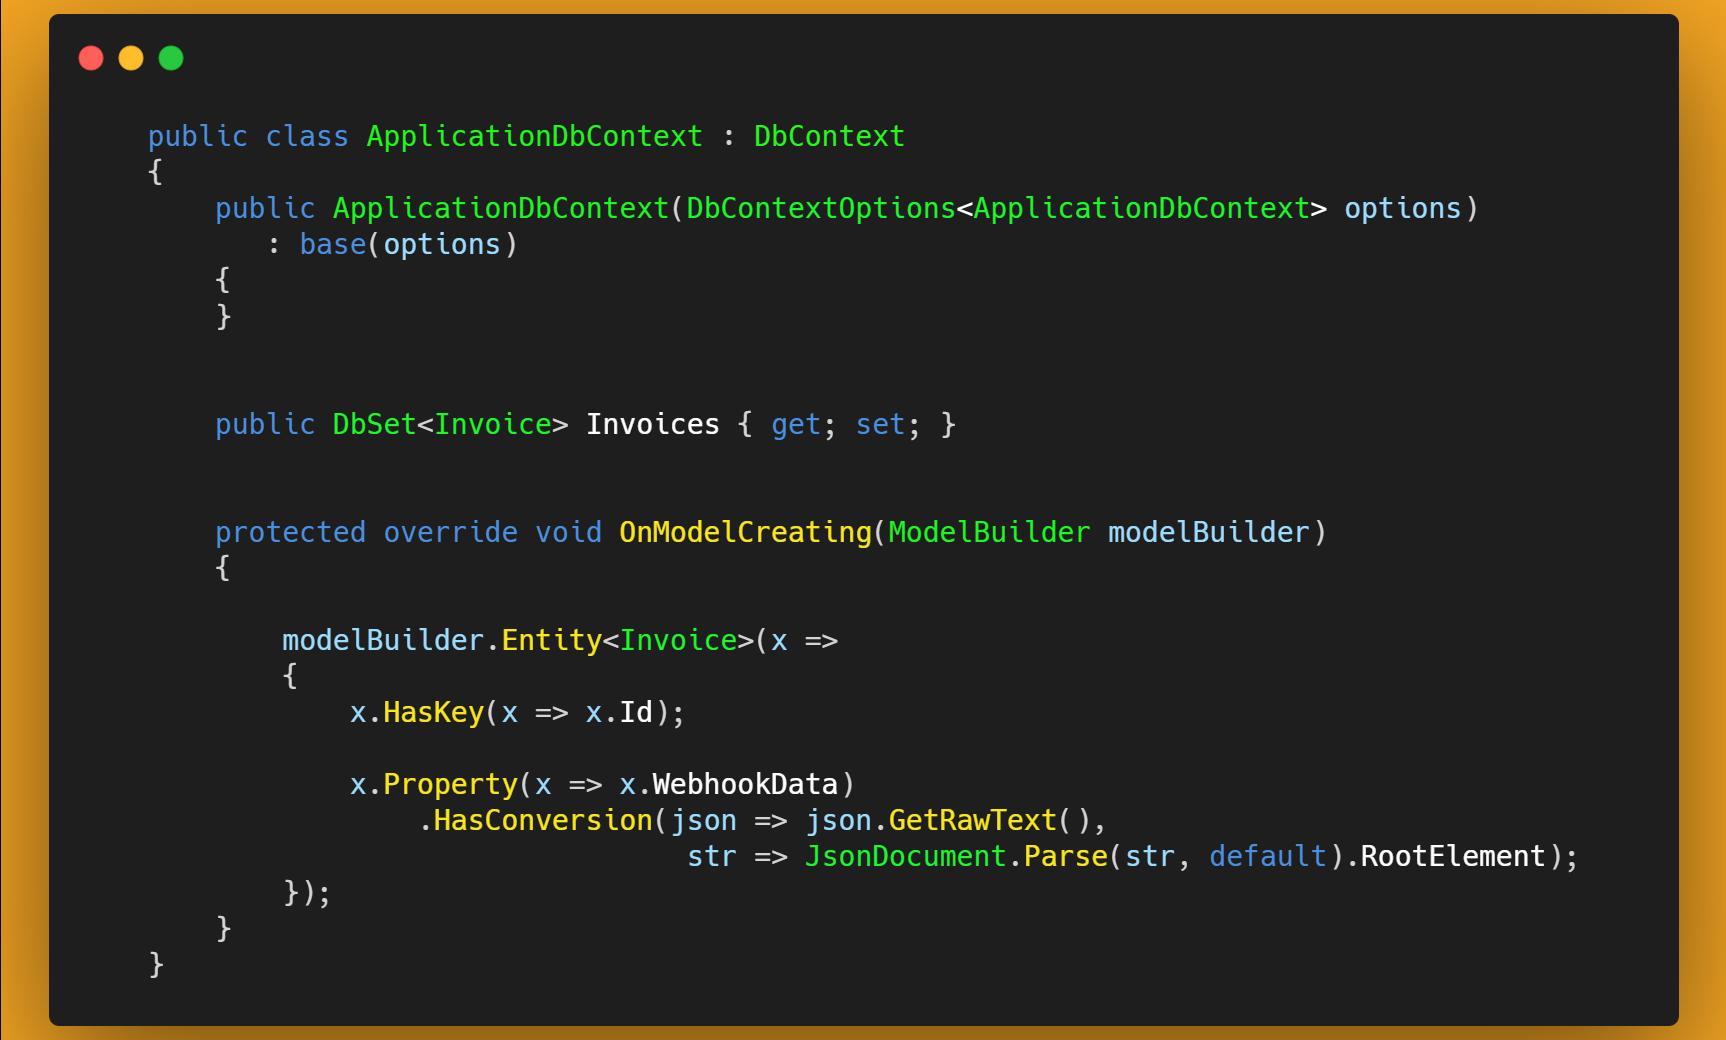 Configuraciones para guardar un JSON con EntityFramework